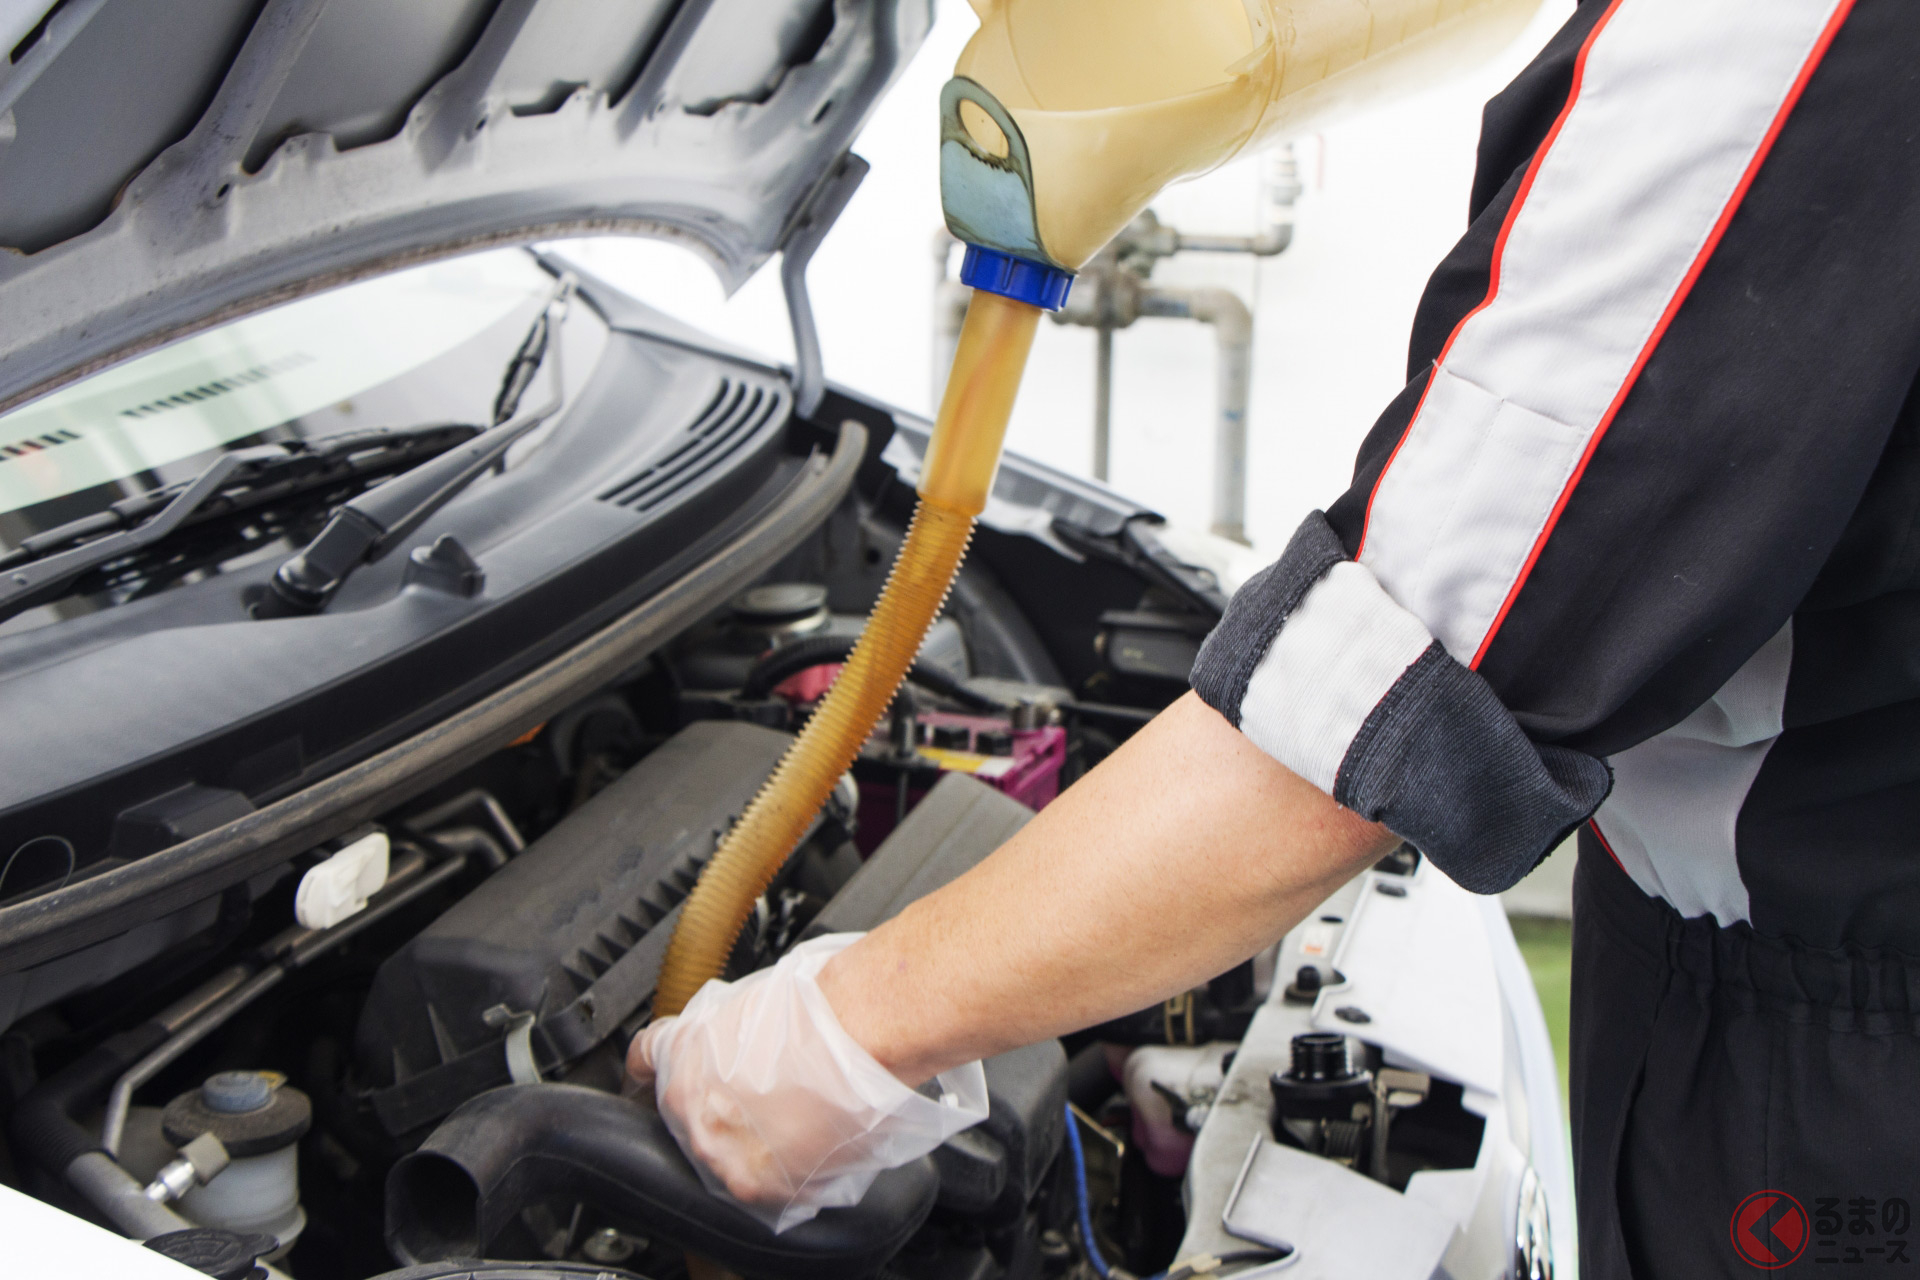 エンジンオイルの交換はどれくらいの頻度でおこなえばいい?